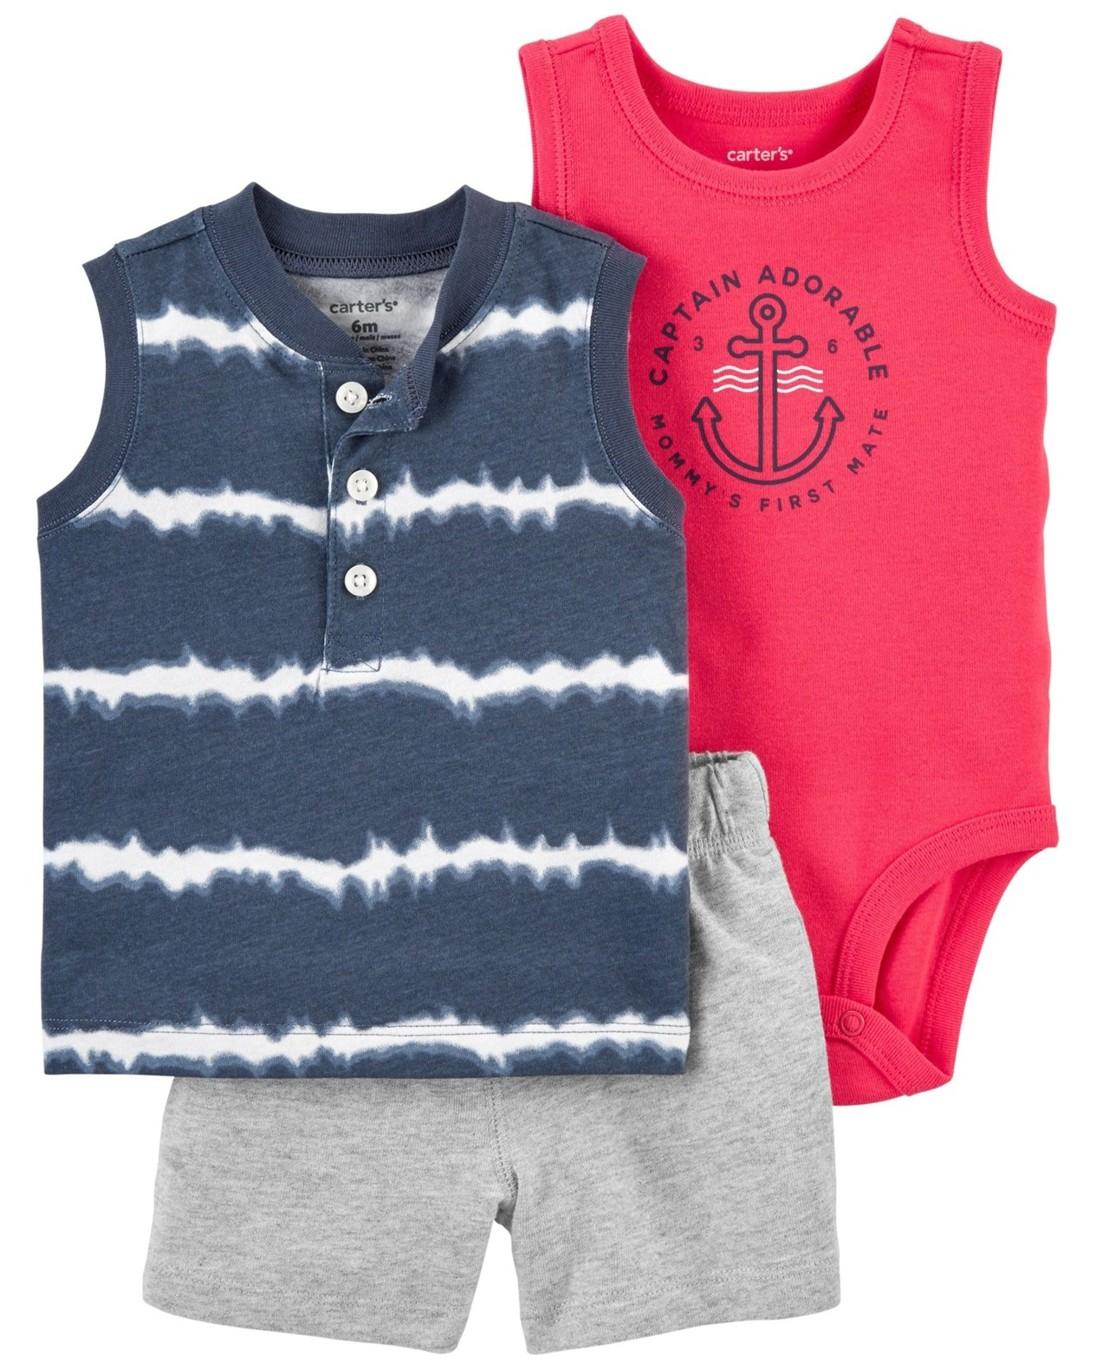 CARTER'S Set 3dielny body tielko, tričko bez rukávov, nohavice kr. Blue Tie chlapec 24 m, veľ. 92